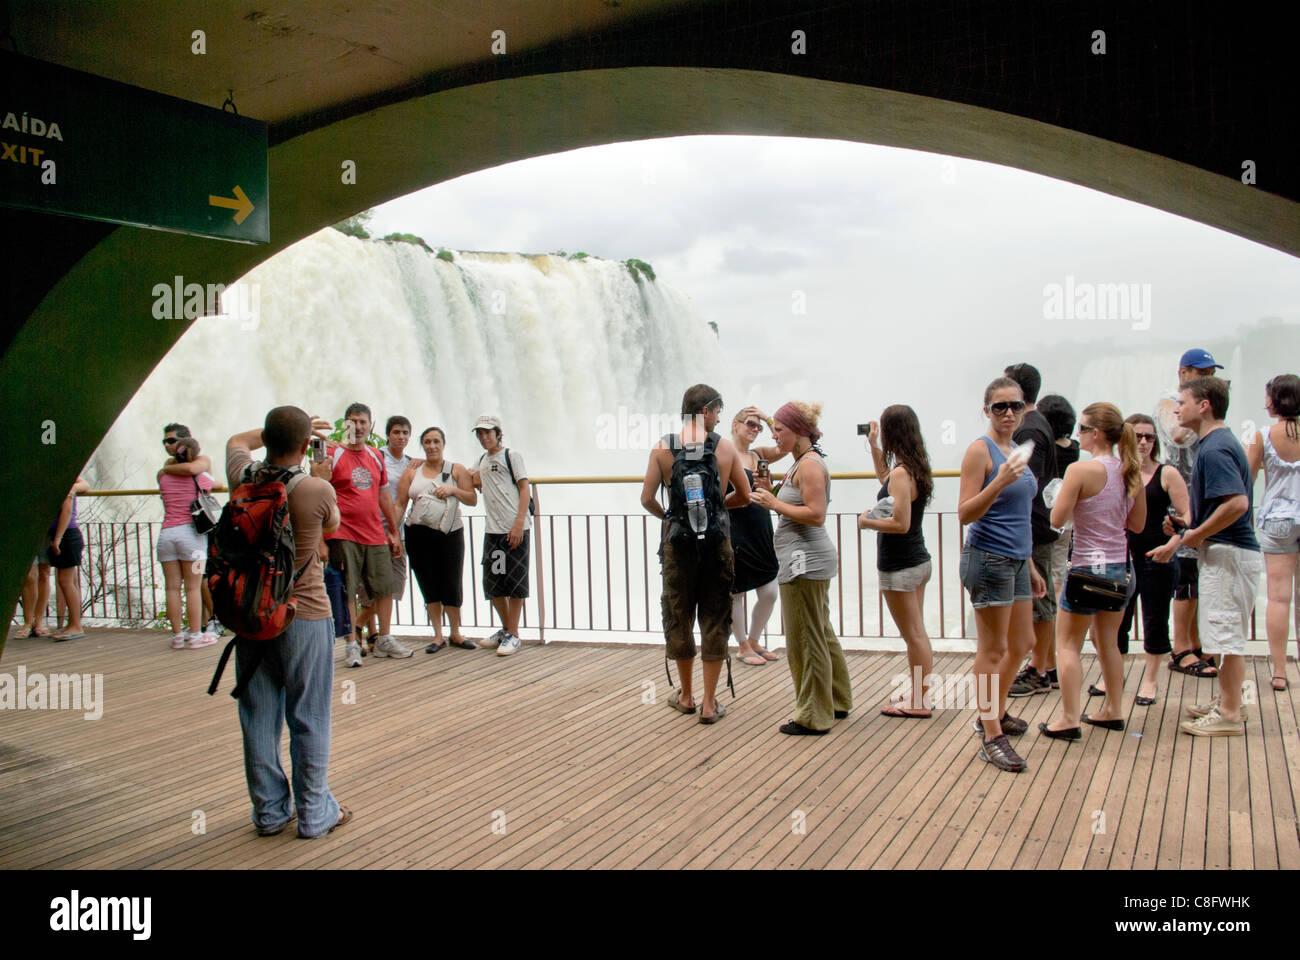 Tourist photographing on visitor's center platform, Cataratas do Iguaçu, Cataratas del Iguazú . Curitiba, - Stock Image